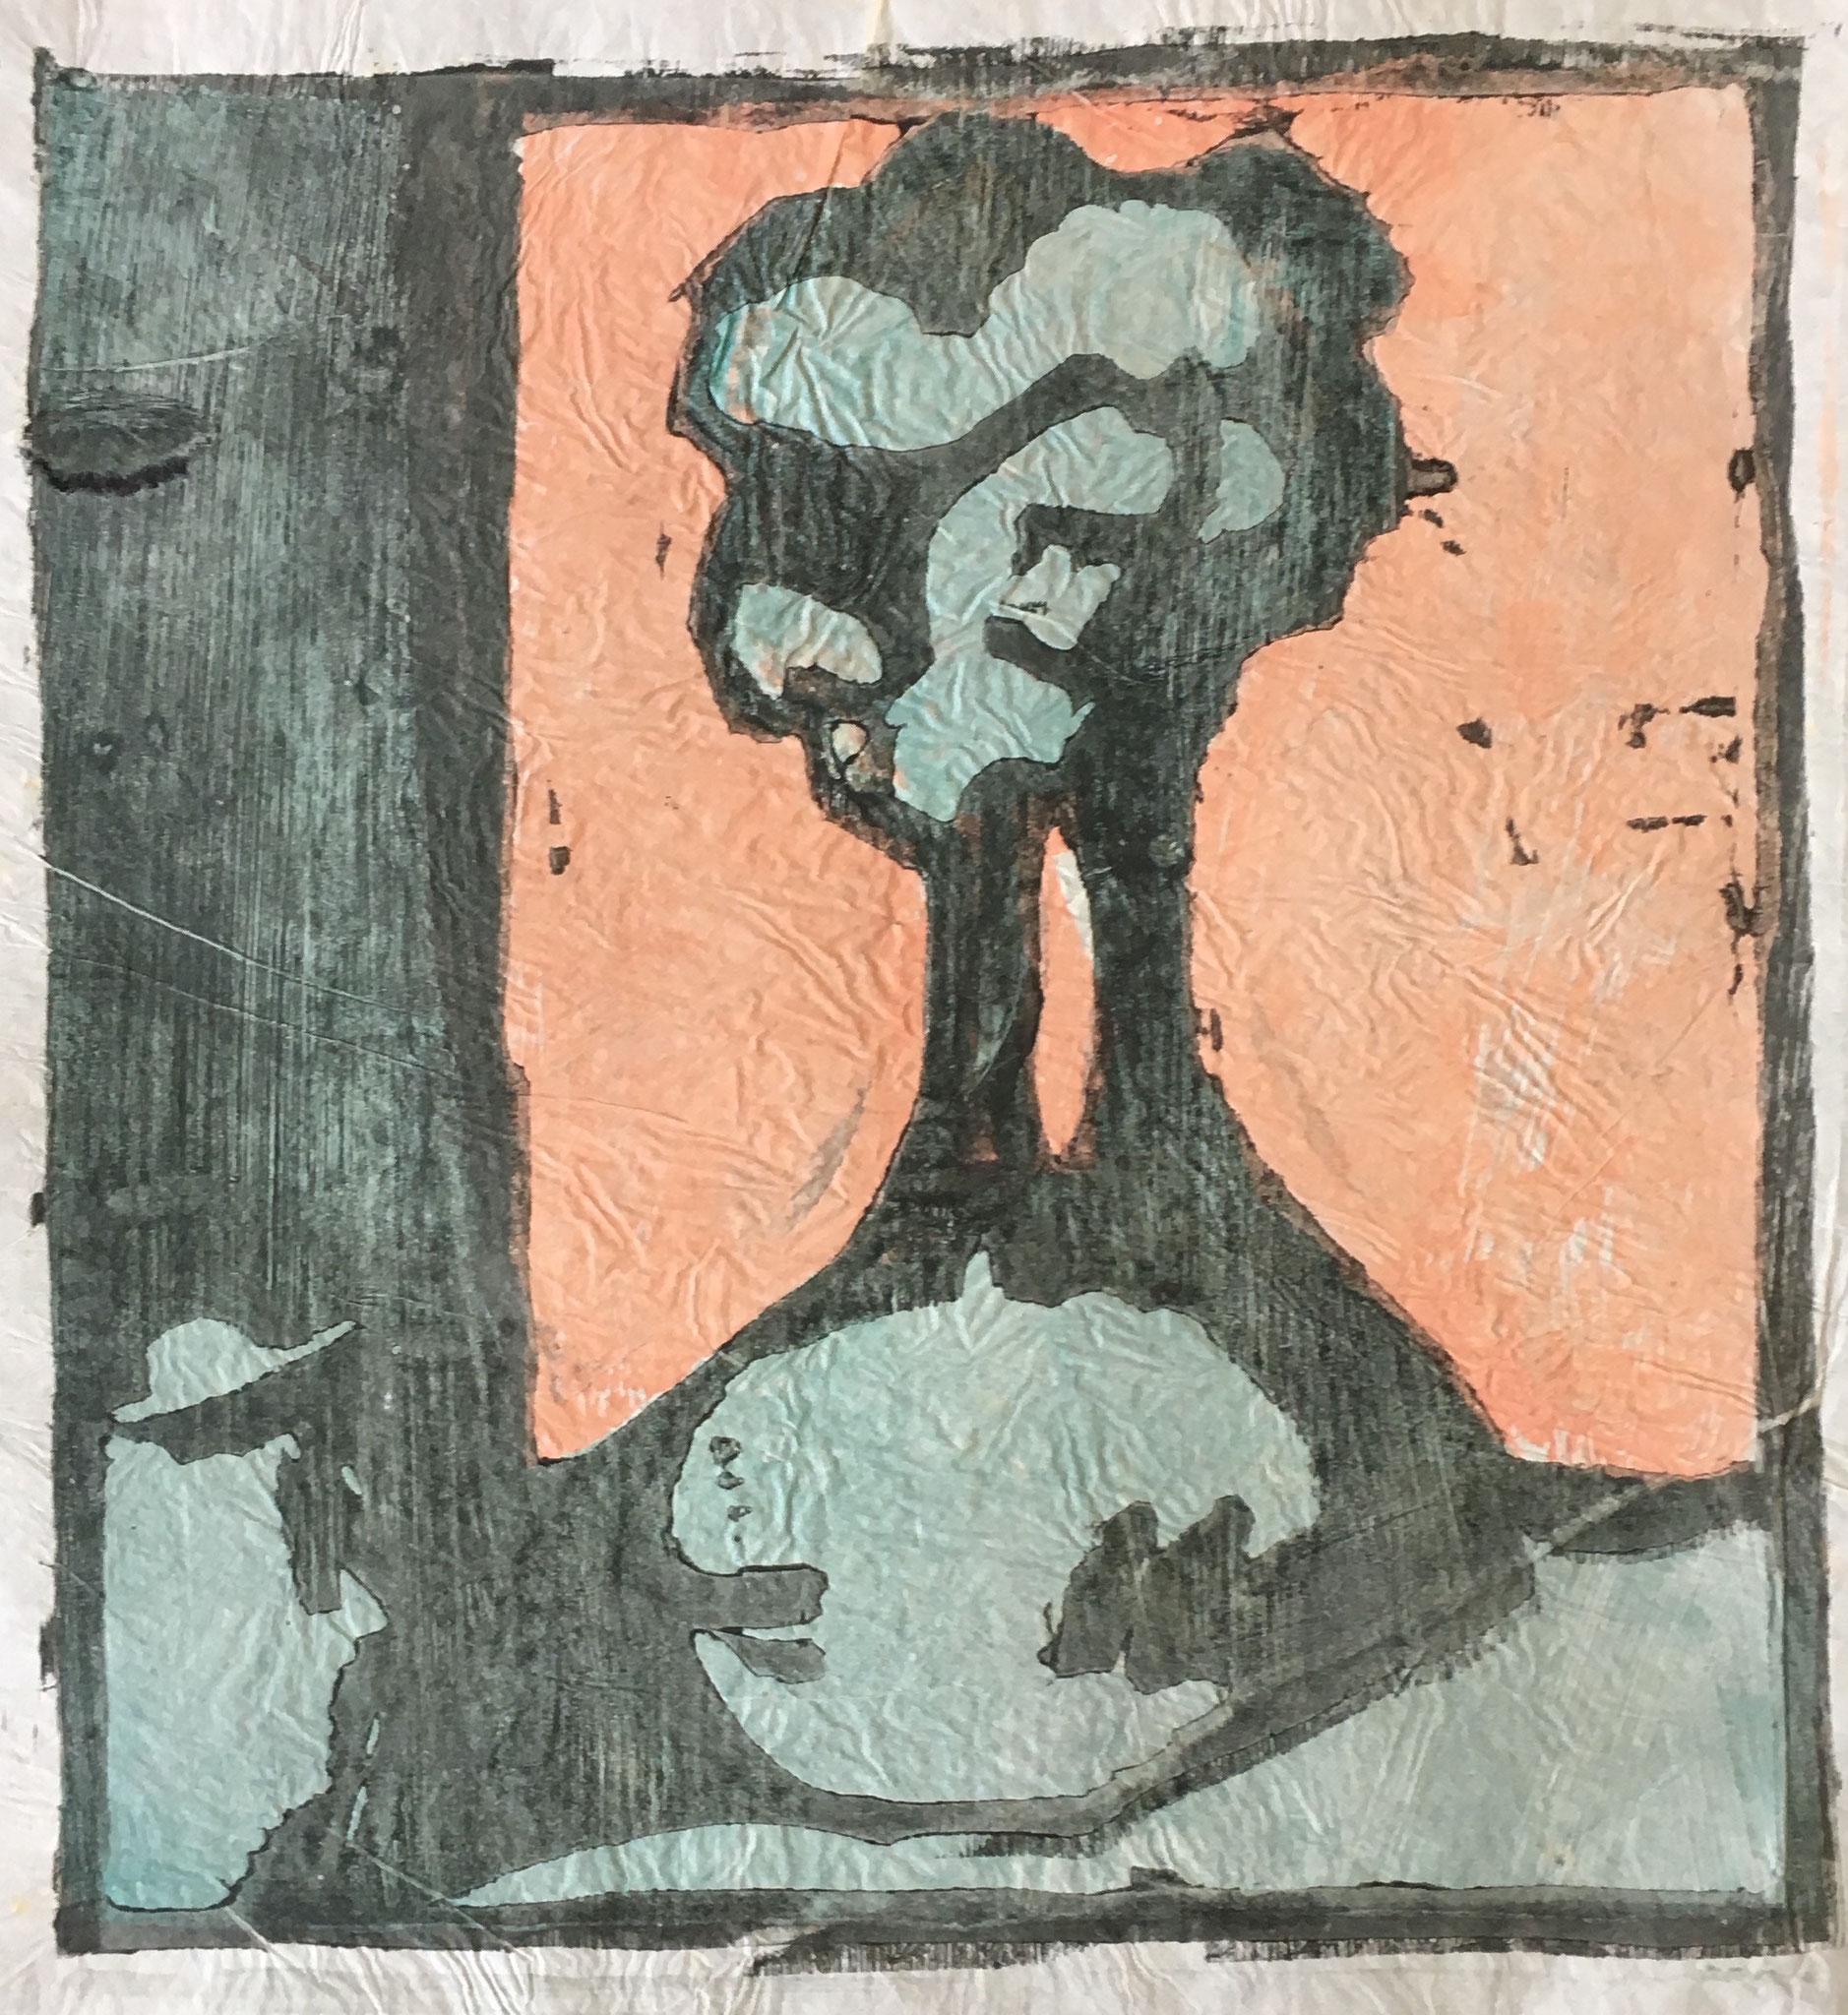 Cuno Amiet, Vase mit Blumen, Japanpapier, Farbholzschnitt, 1908